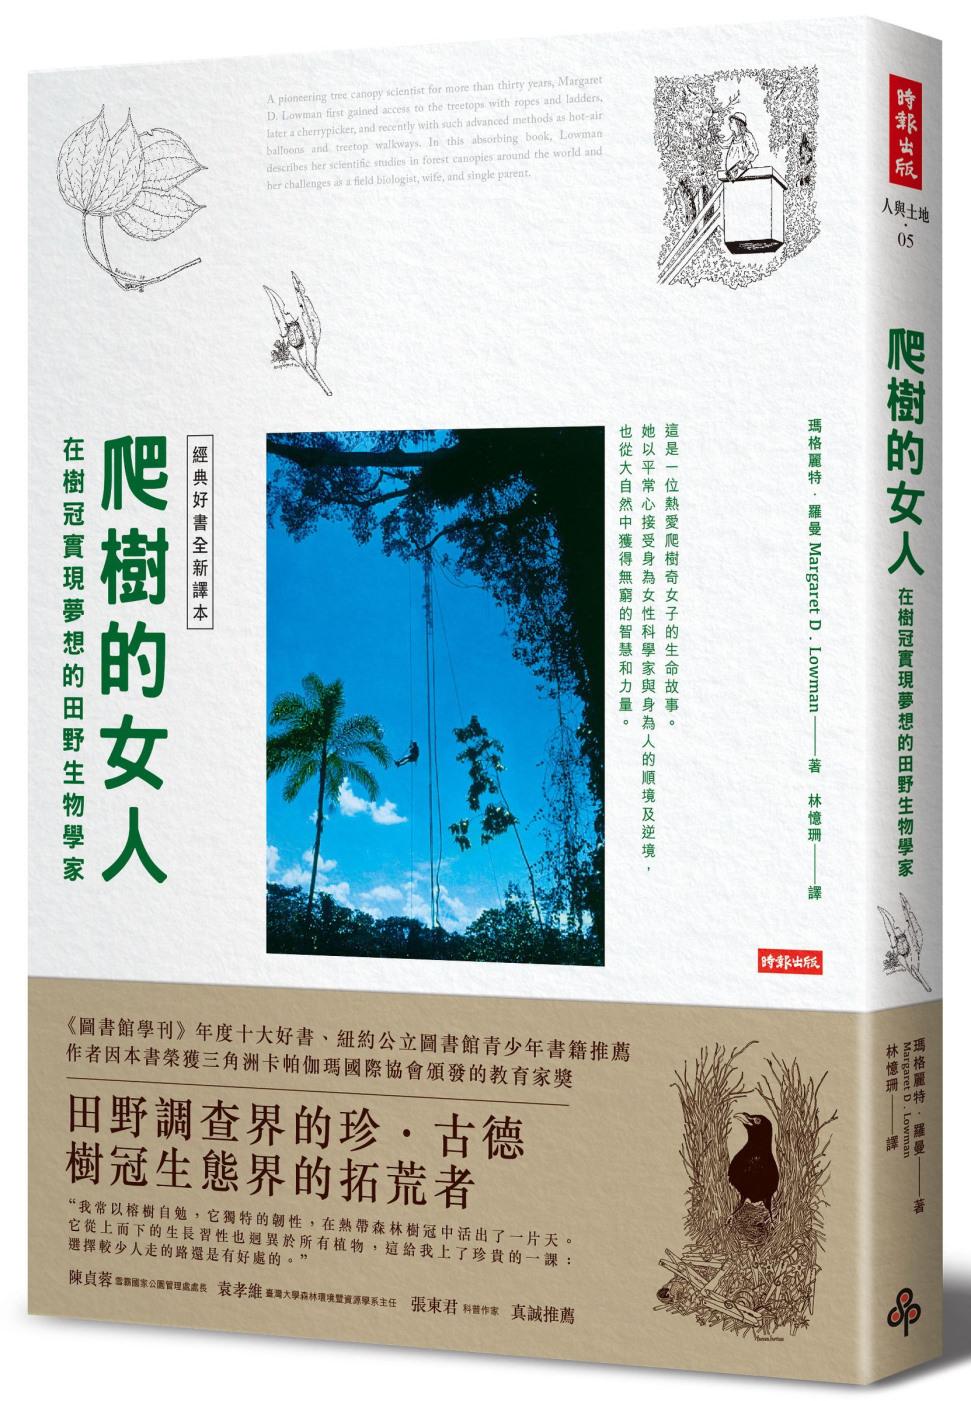 爬樹的女人:在樹冠實現夢想的田野生物學家 【經典好書全新譯本】